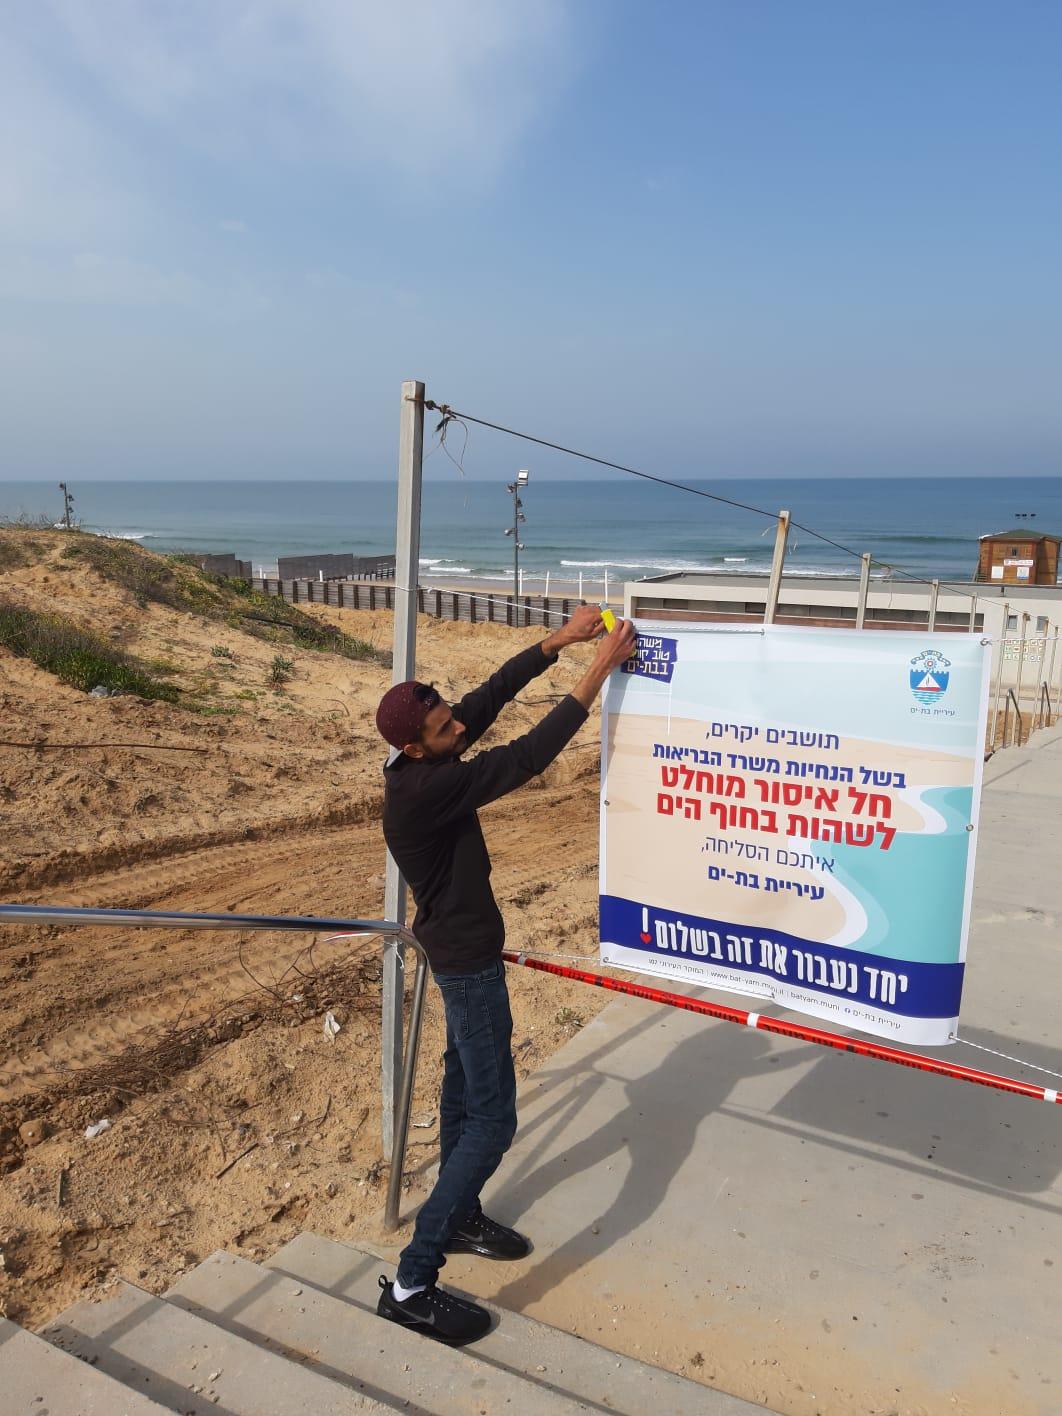 Photo of אוכפים את ההנחיות: עיריית בת-ים חסמה את הכניסות לחופי הרחצה במחסומים. מתקני הספורט והפארקים גודרו בסרטי סימון